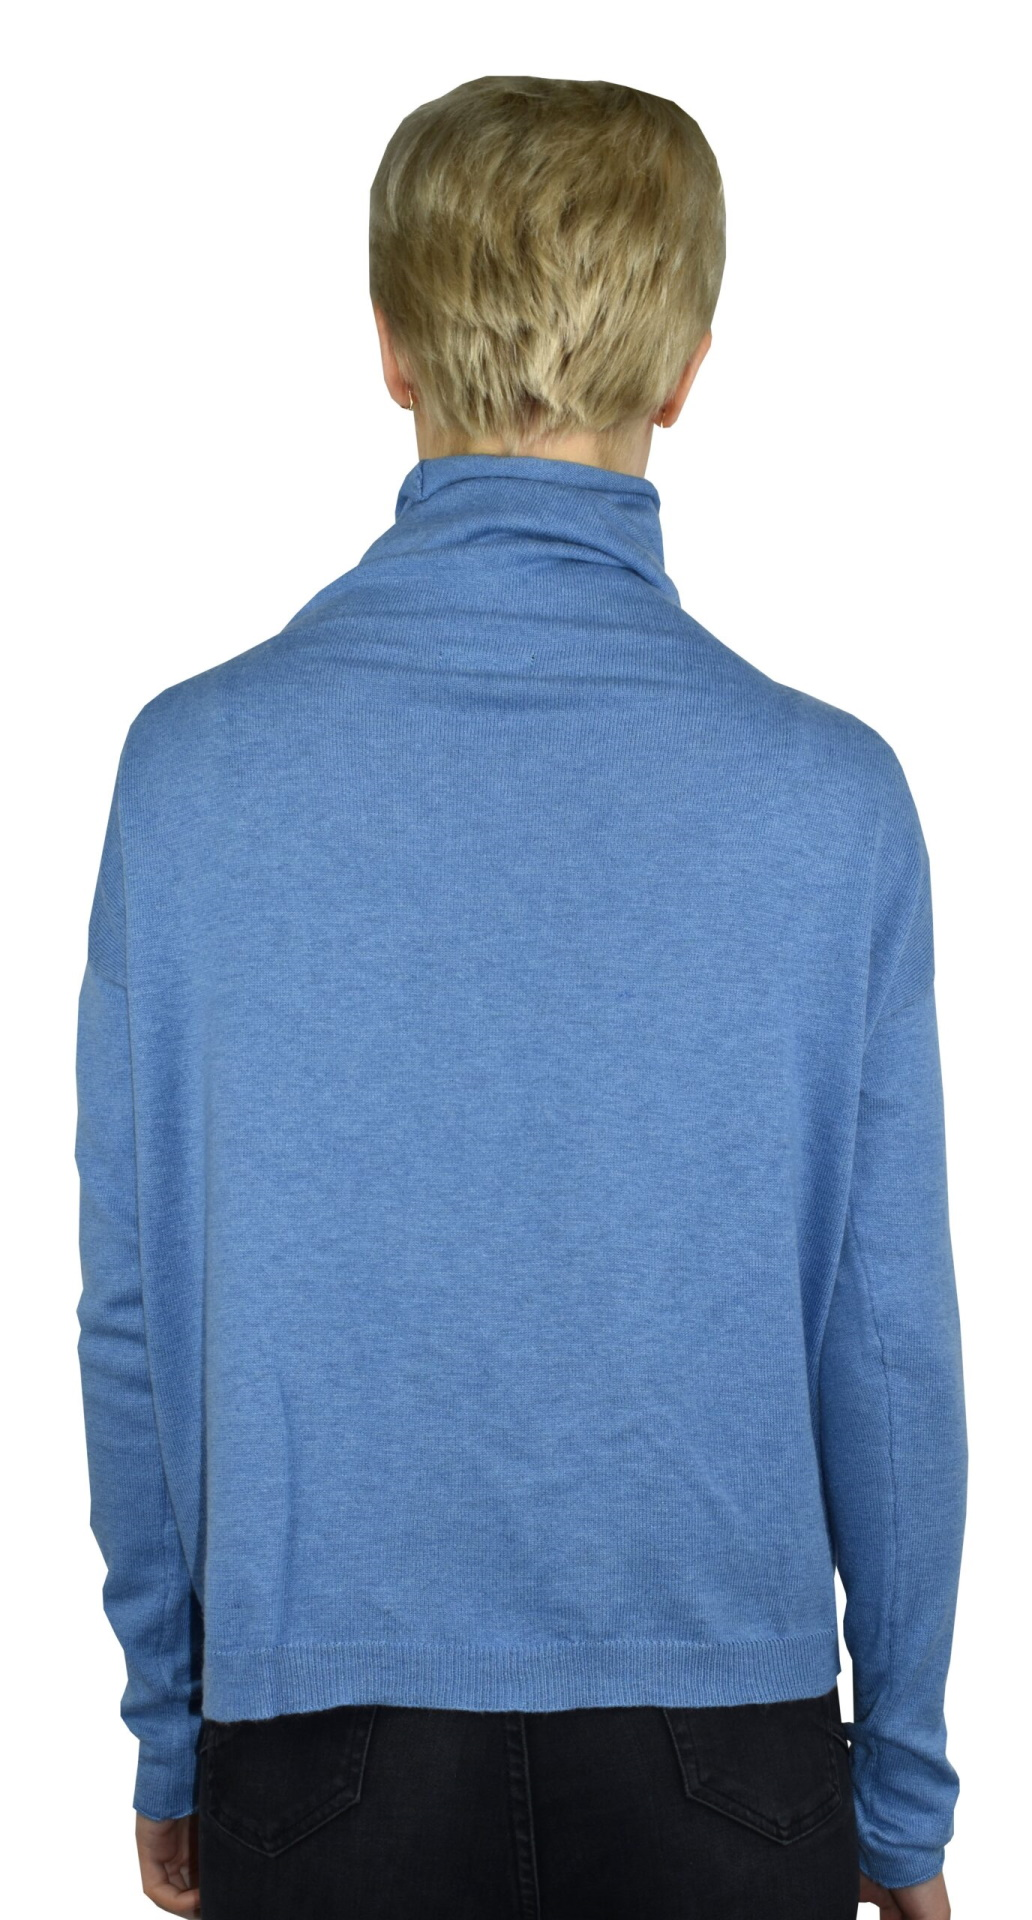 GIADA CELESTE MAGLIA DONNA CASHMERE SETA COLLO ALTO MANICA LUNGA 1 1stAmerican maglia dolcevita collo alto da donna in seta cashmere - maglione manica lunga invernale finezza 14